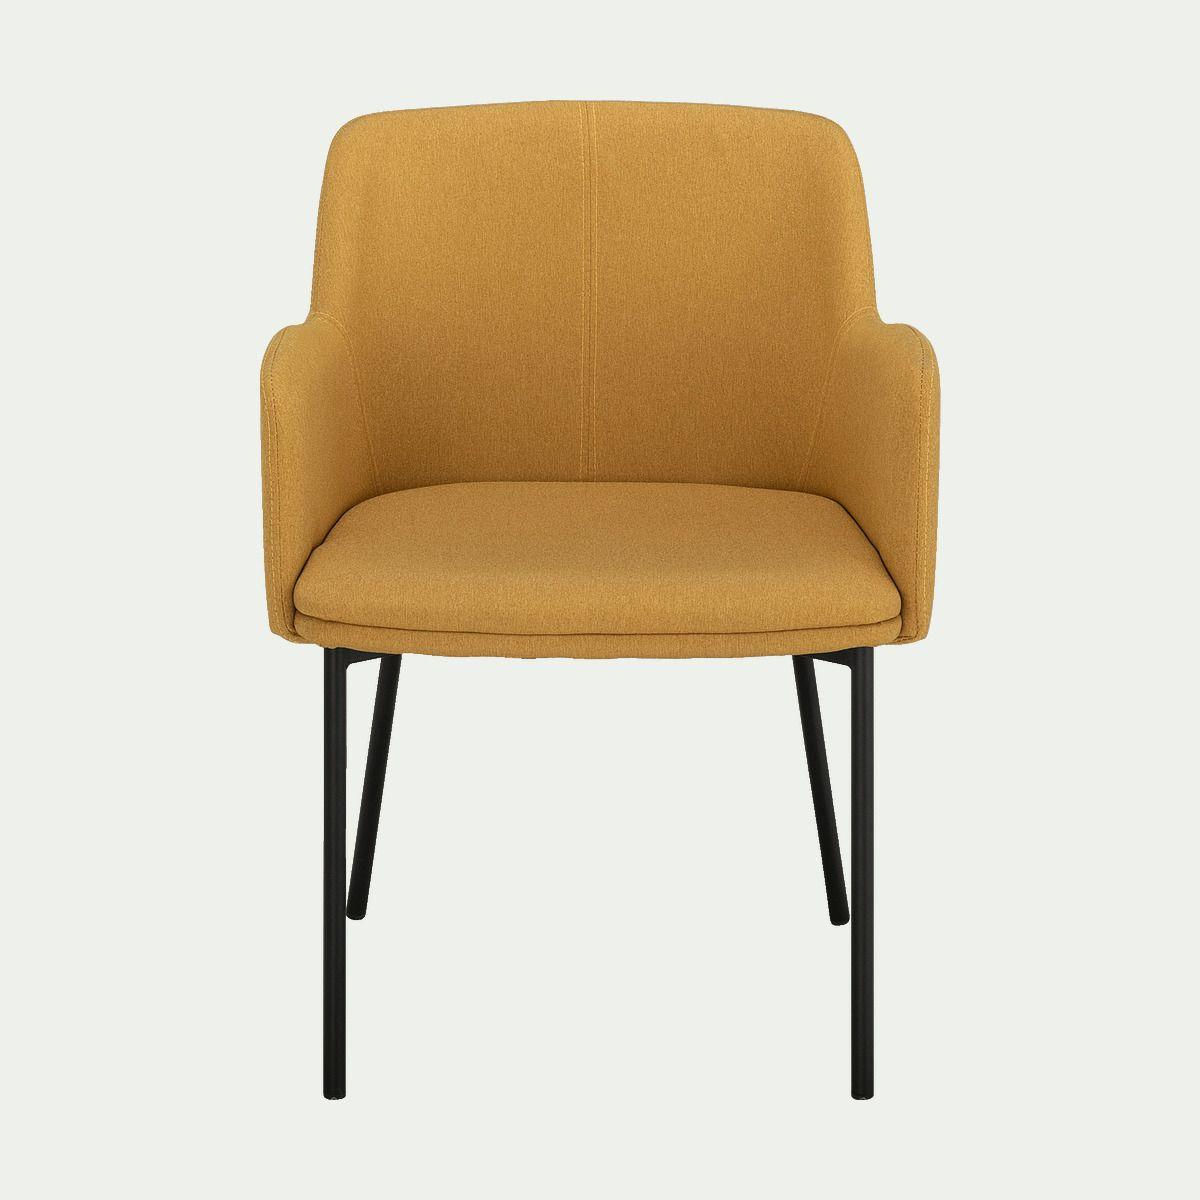 Confortable Design Pour Venir Completer Votre Table Dans Votre